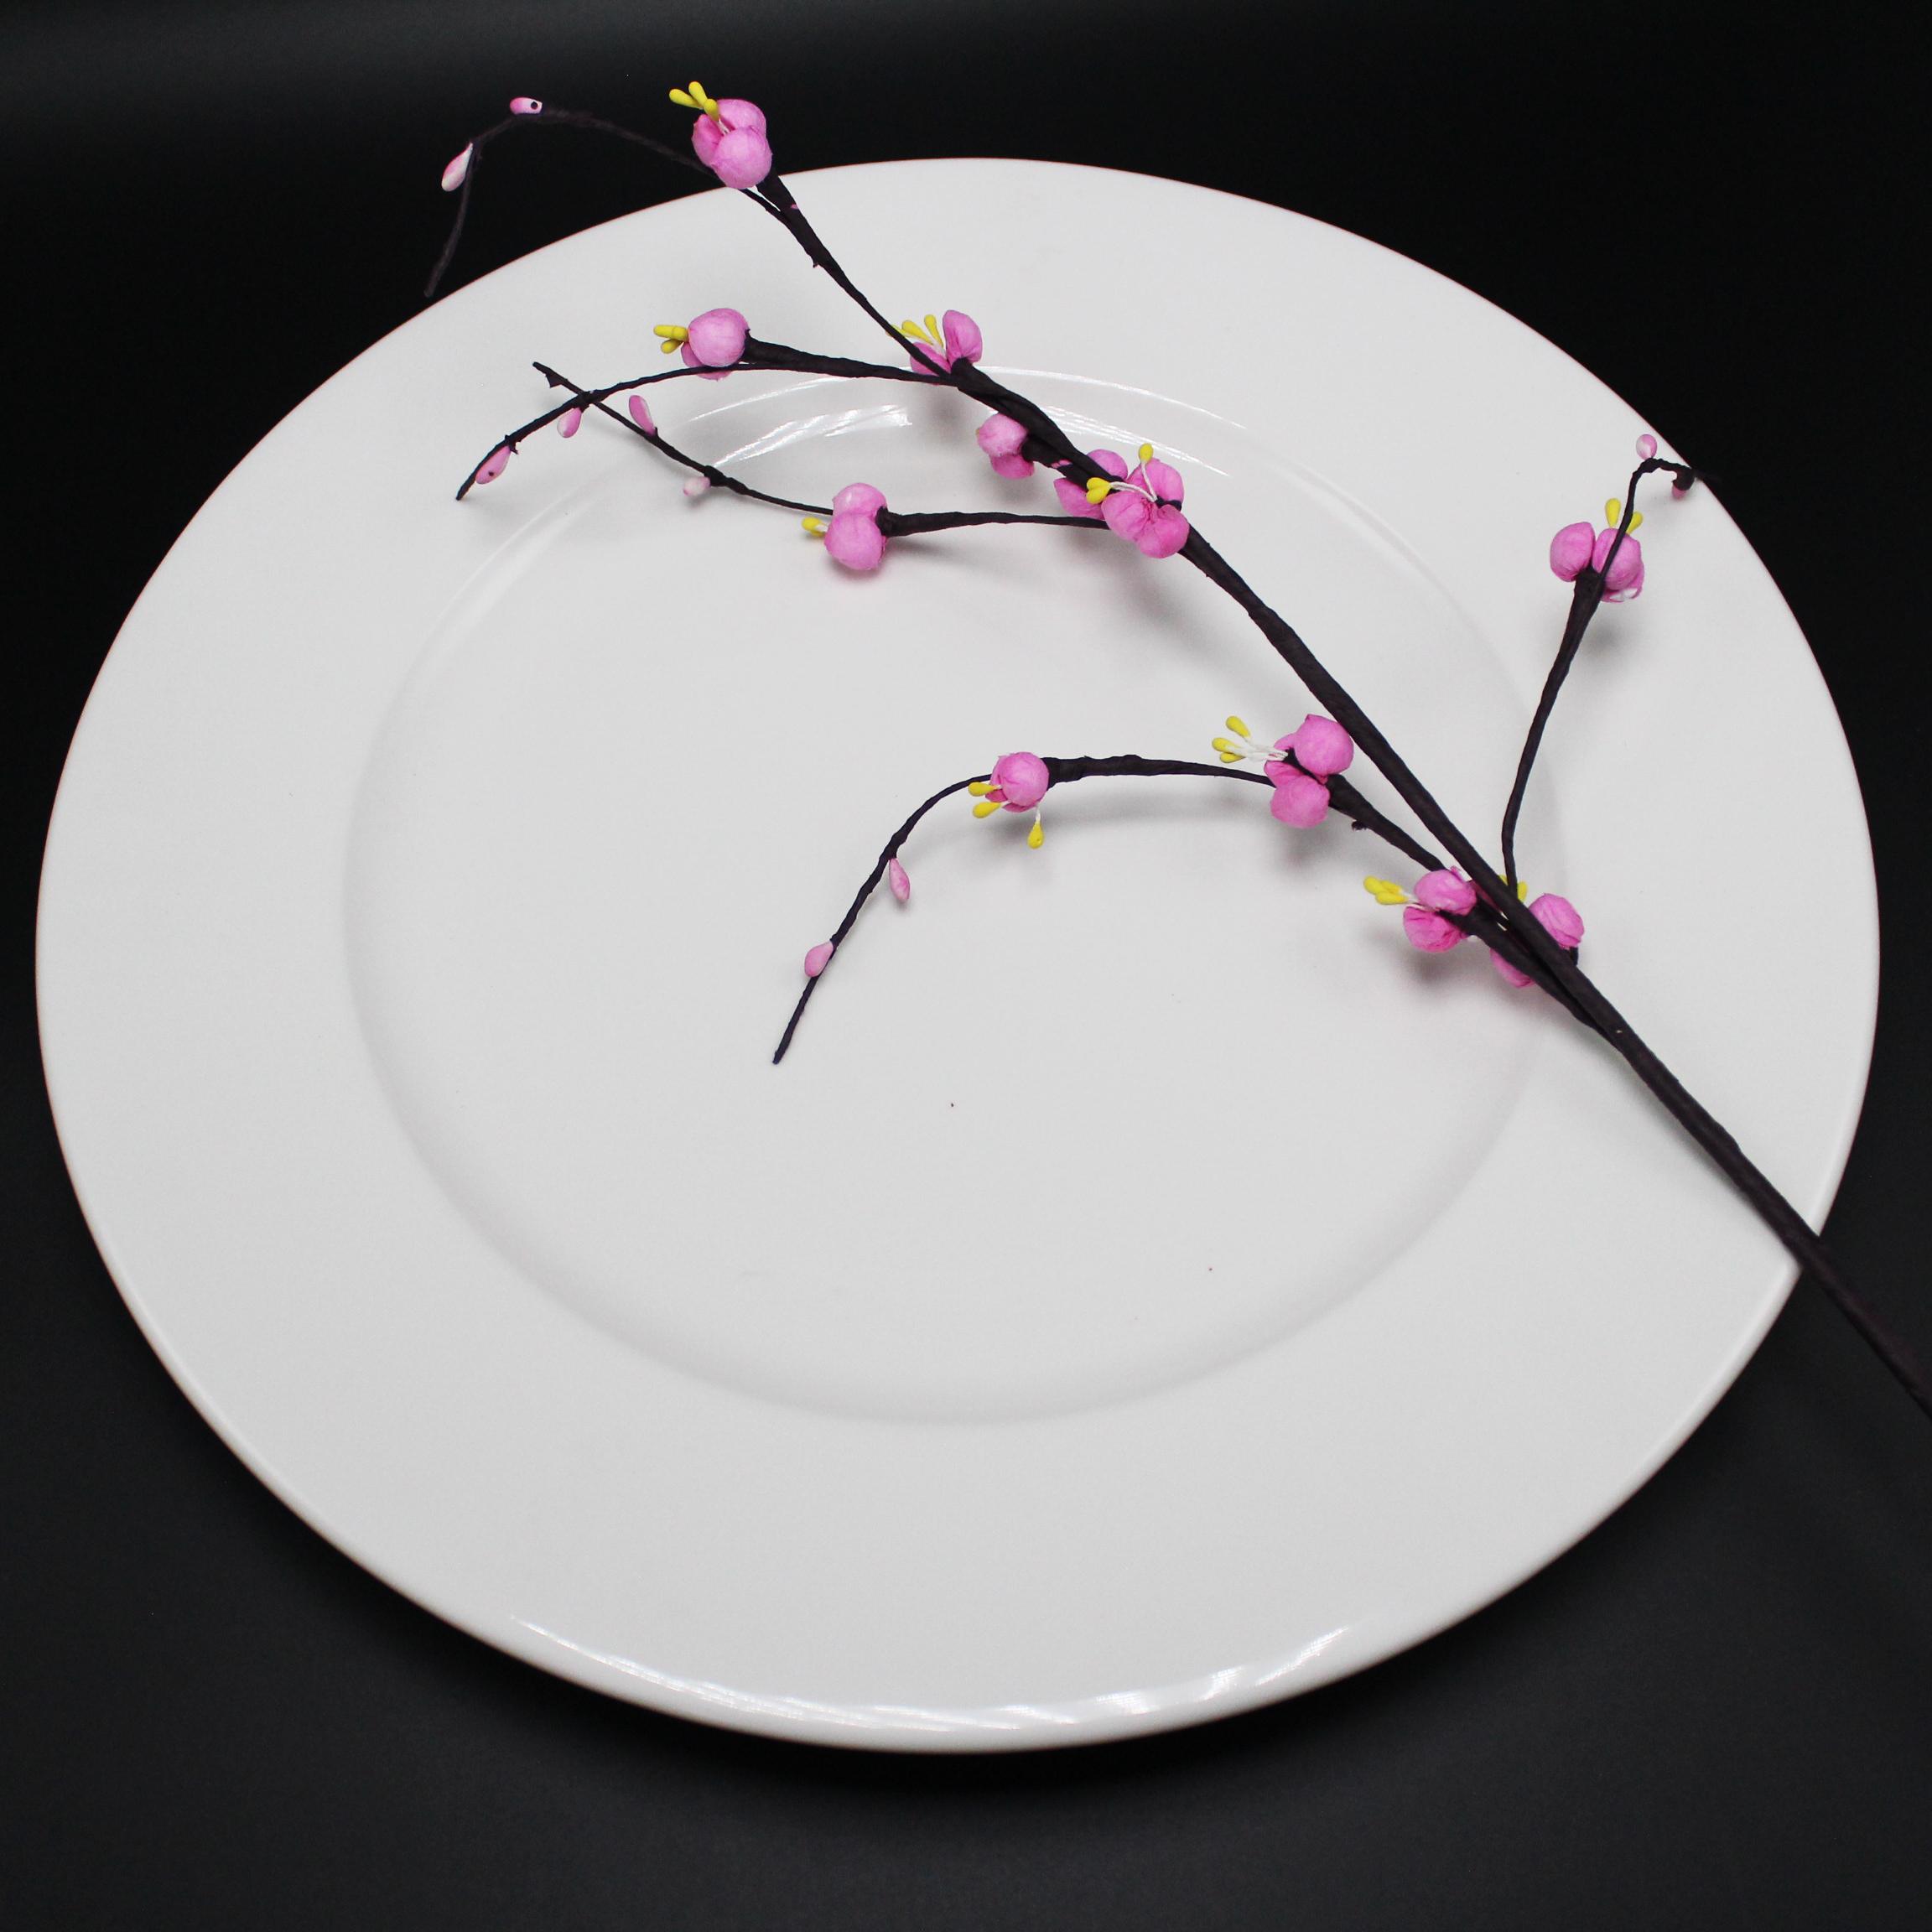 Dĩa tròn 18 cm trắng ngà - MNV - 581885000